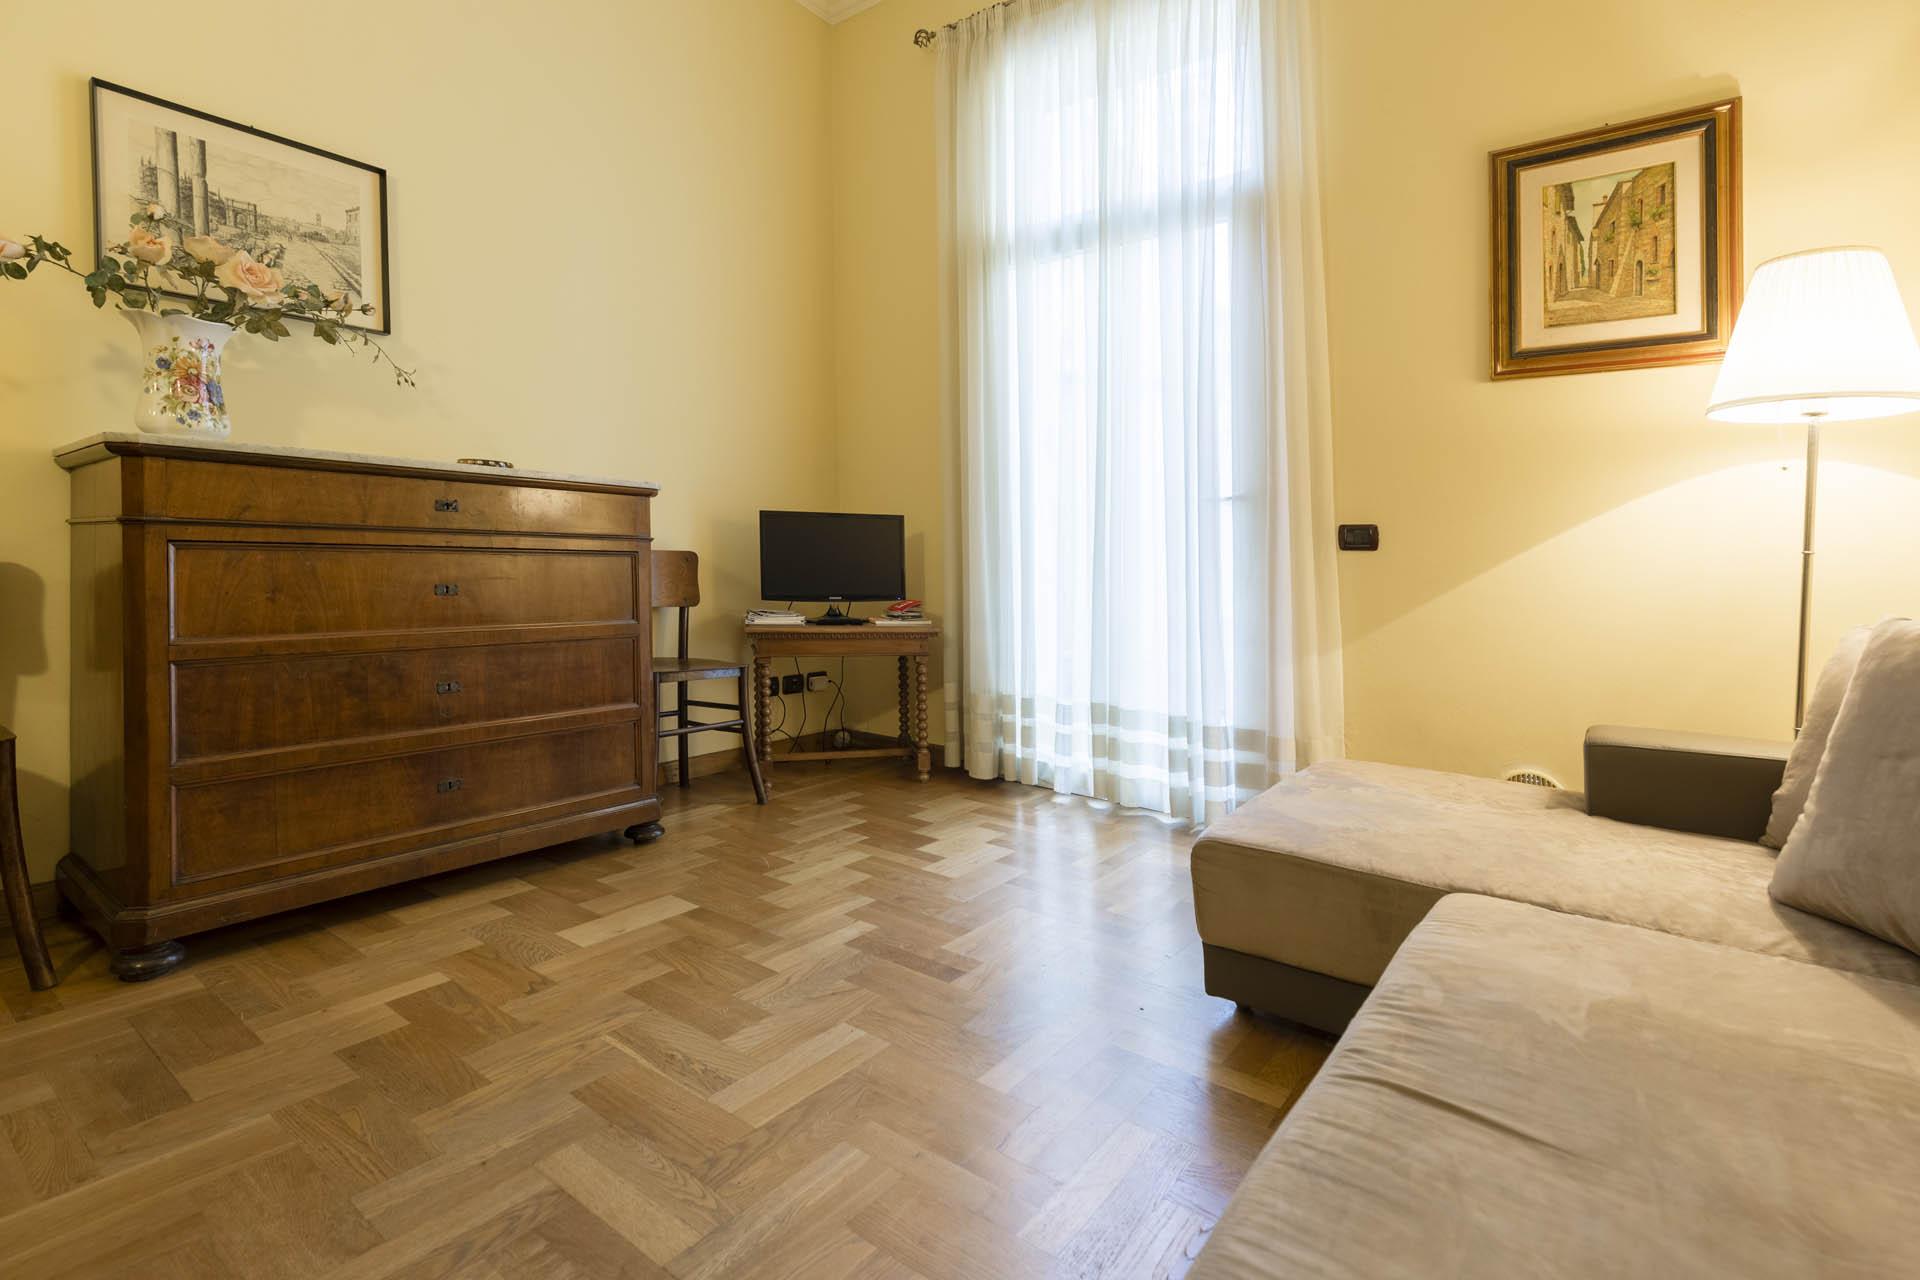 Casa in stile Liberty | Appartamenti Petrucci, Foligno